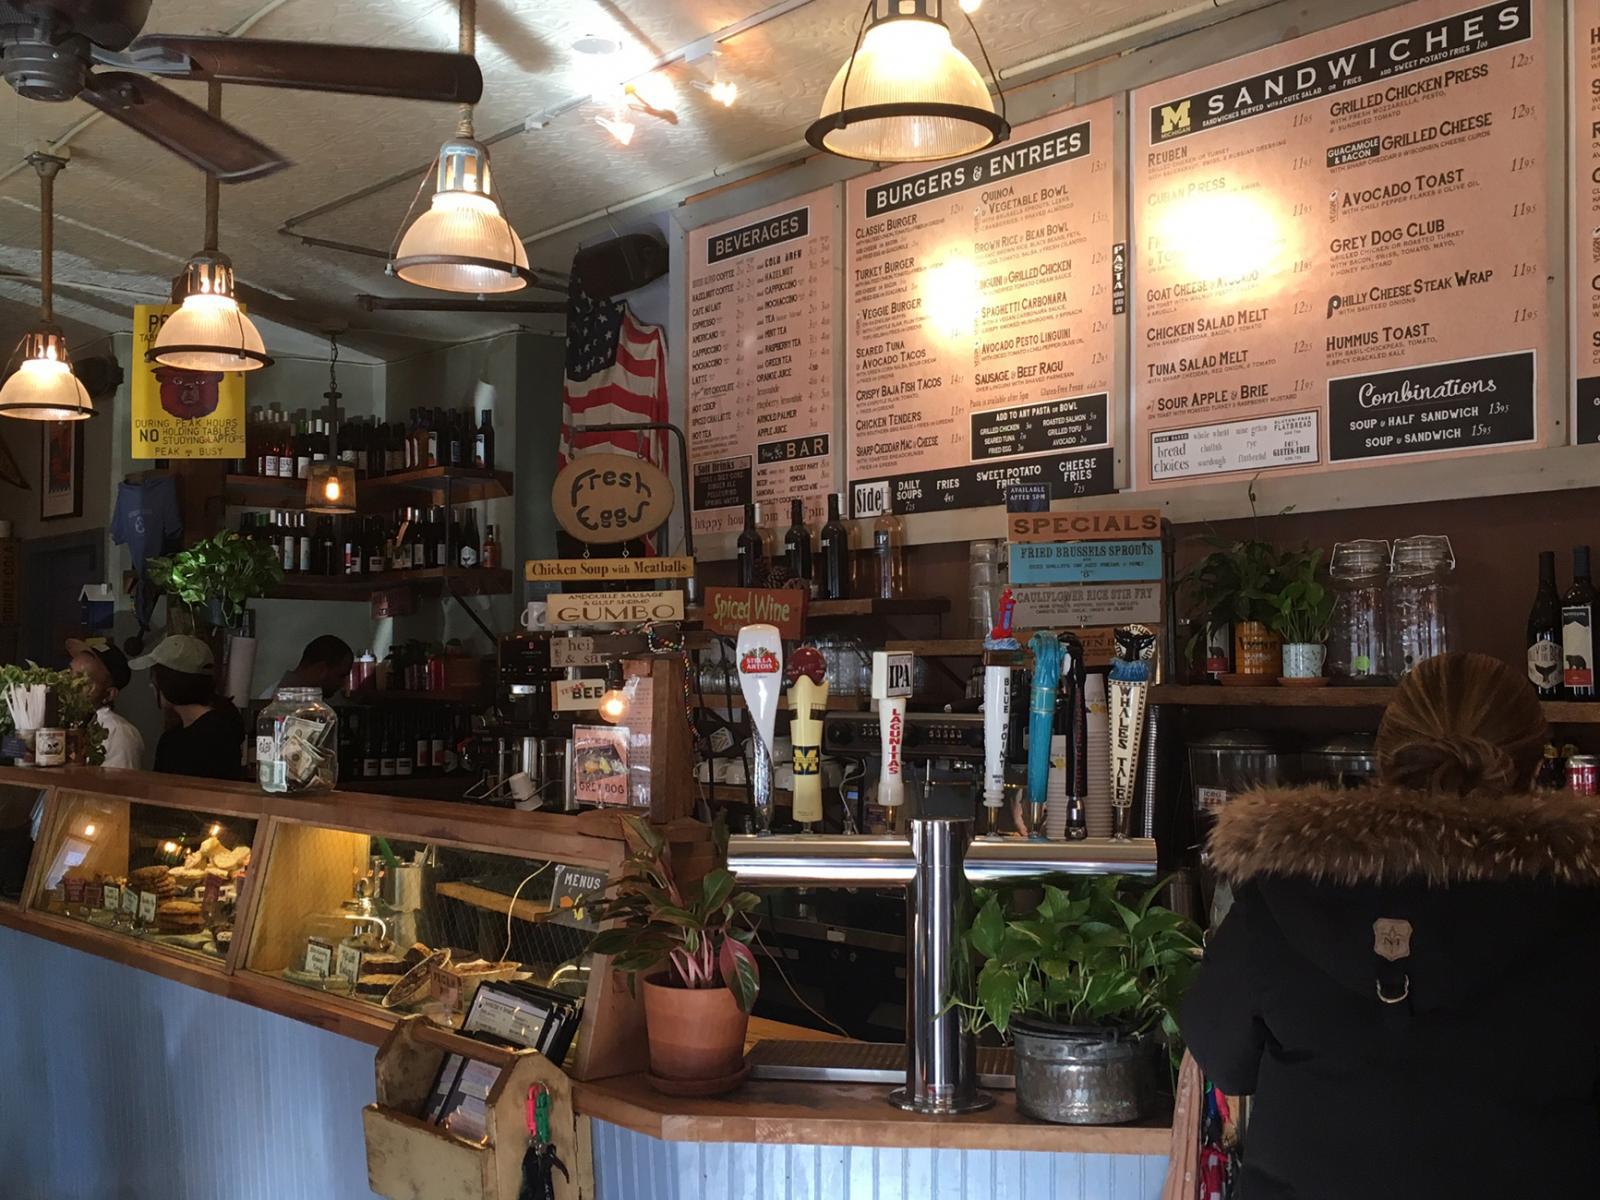 The Grey Dog Cafe